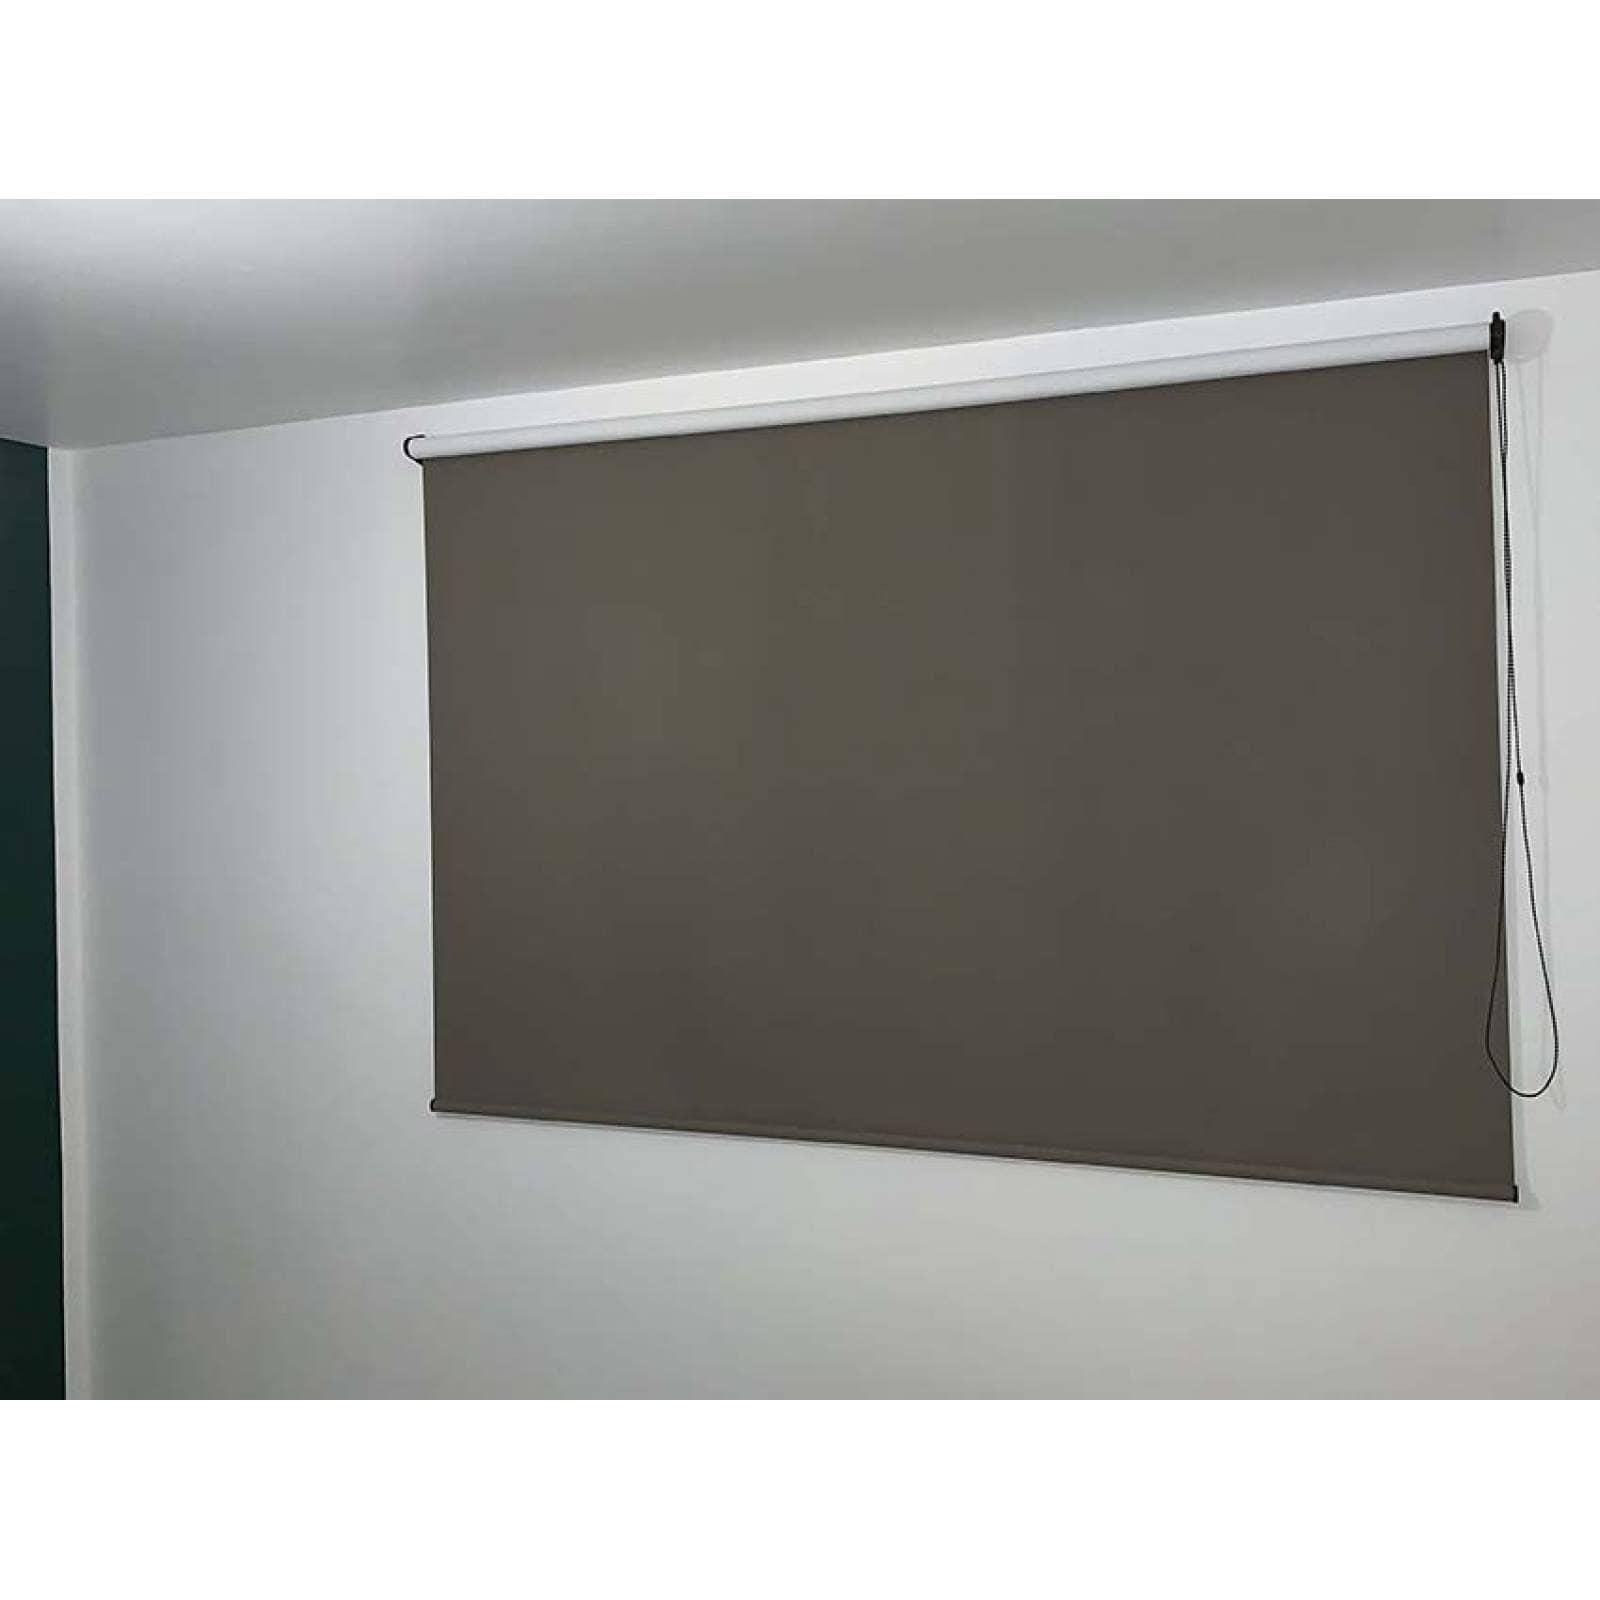 Persianas Blackout modelo Sidney 180 cm de ancho X hasta 150 cm de largo